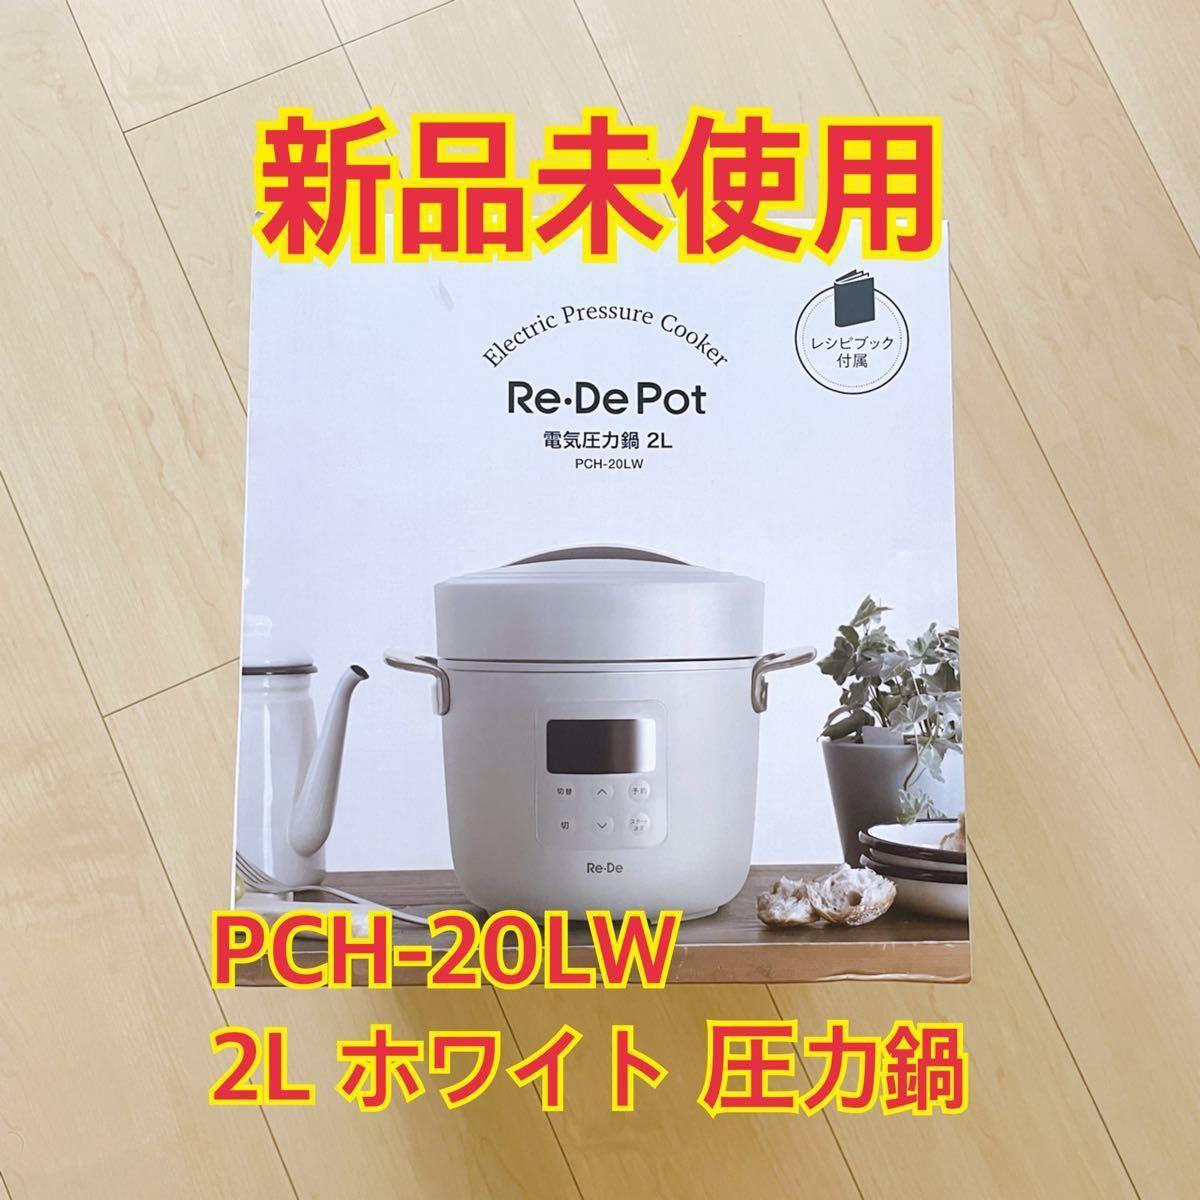 A-Stage PCH-20LW Re・De Pot 電気圧力鍋 2L ホワイト 圧力鍋